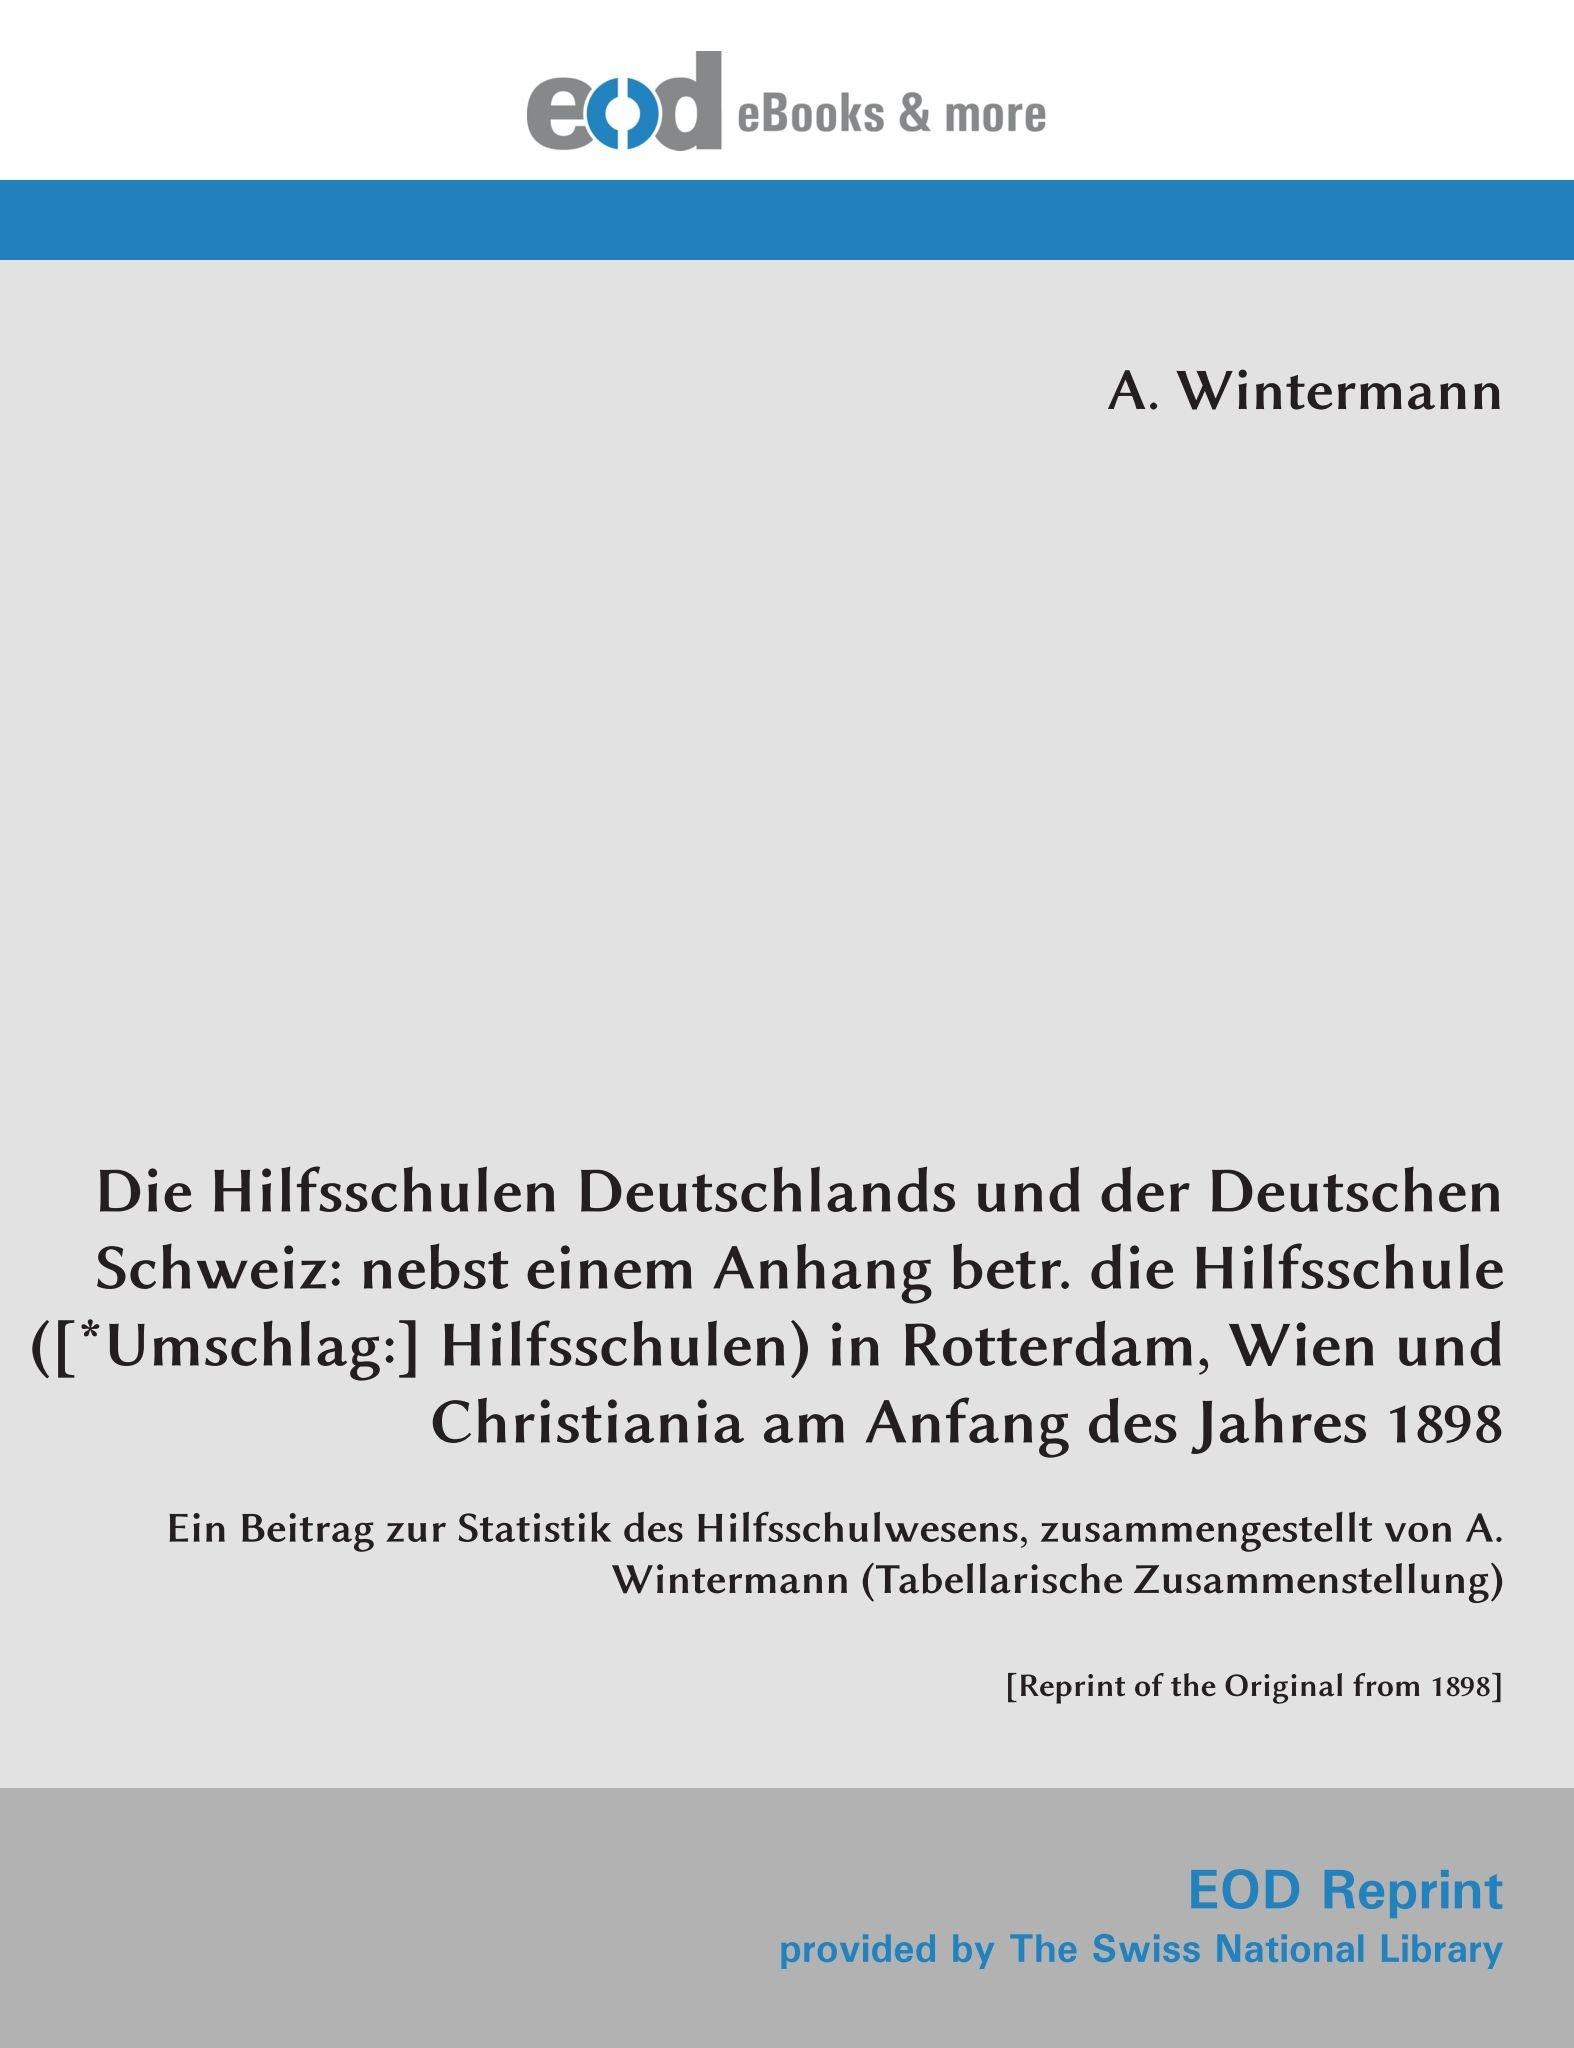 Die Hilfsschulen Deutschlands und der Deutschen Schweiz: nebst einem Anhang betr. die Hilfsschule ([*Umschlag:] Hilfsschulen) in Rotterdam, Wien und ... of the Original from 1898] (German Edition) PDF